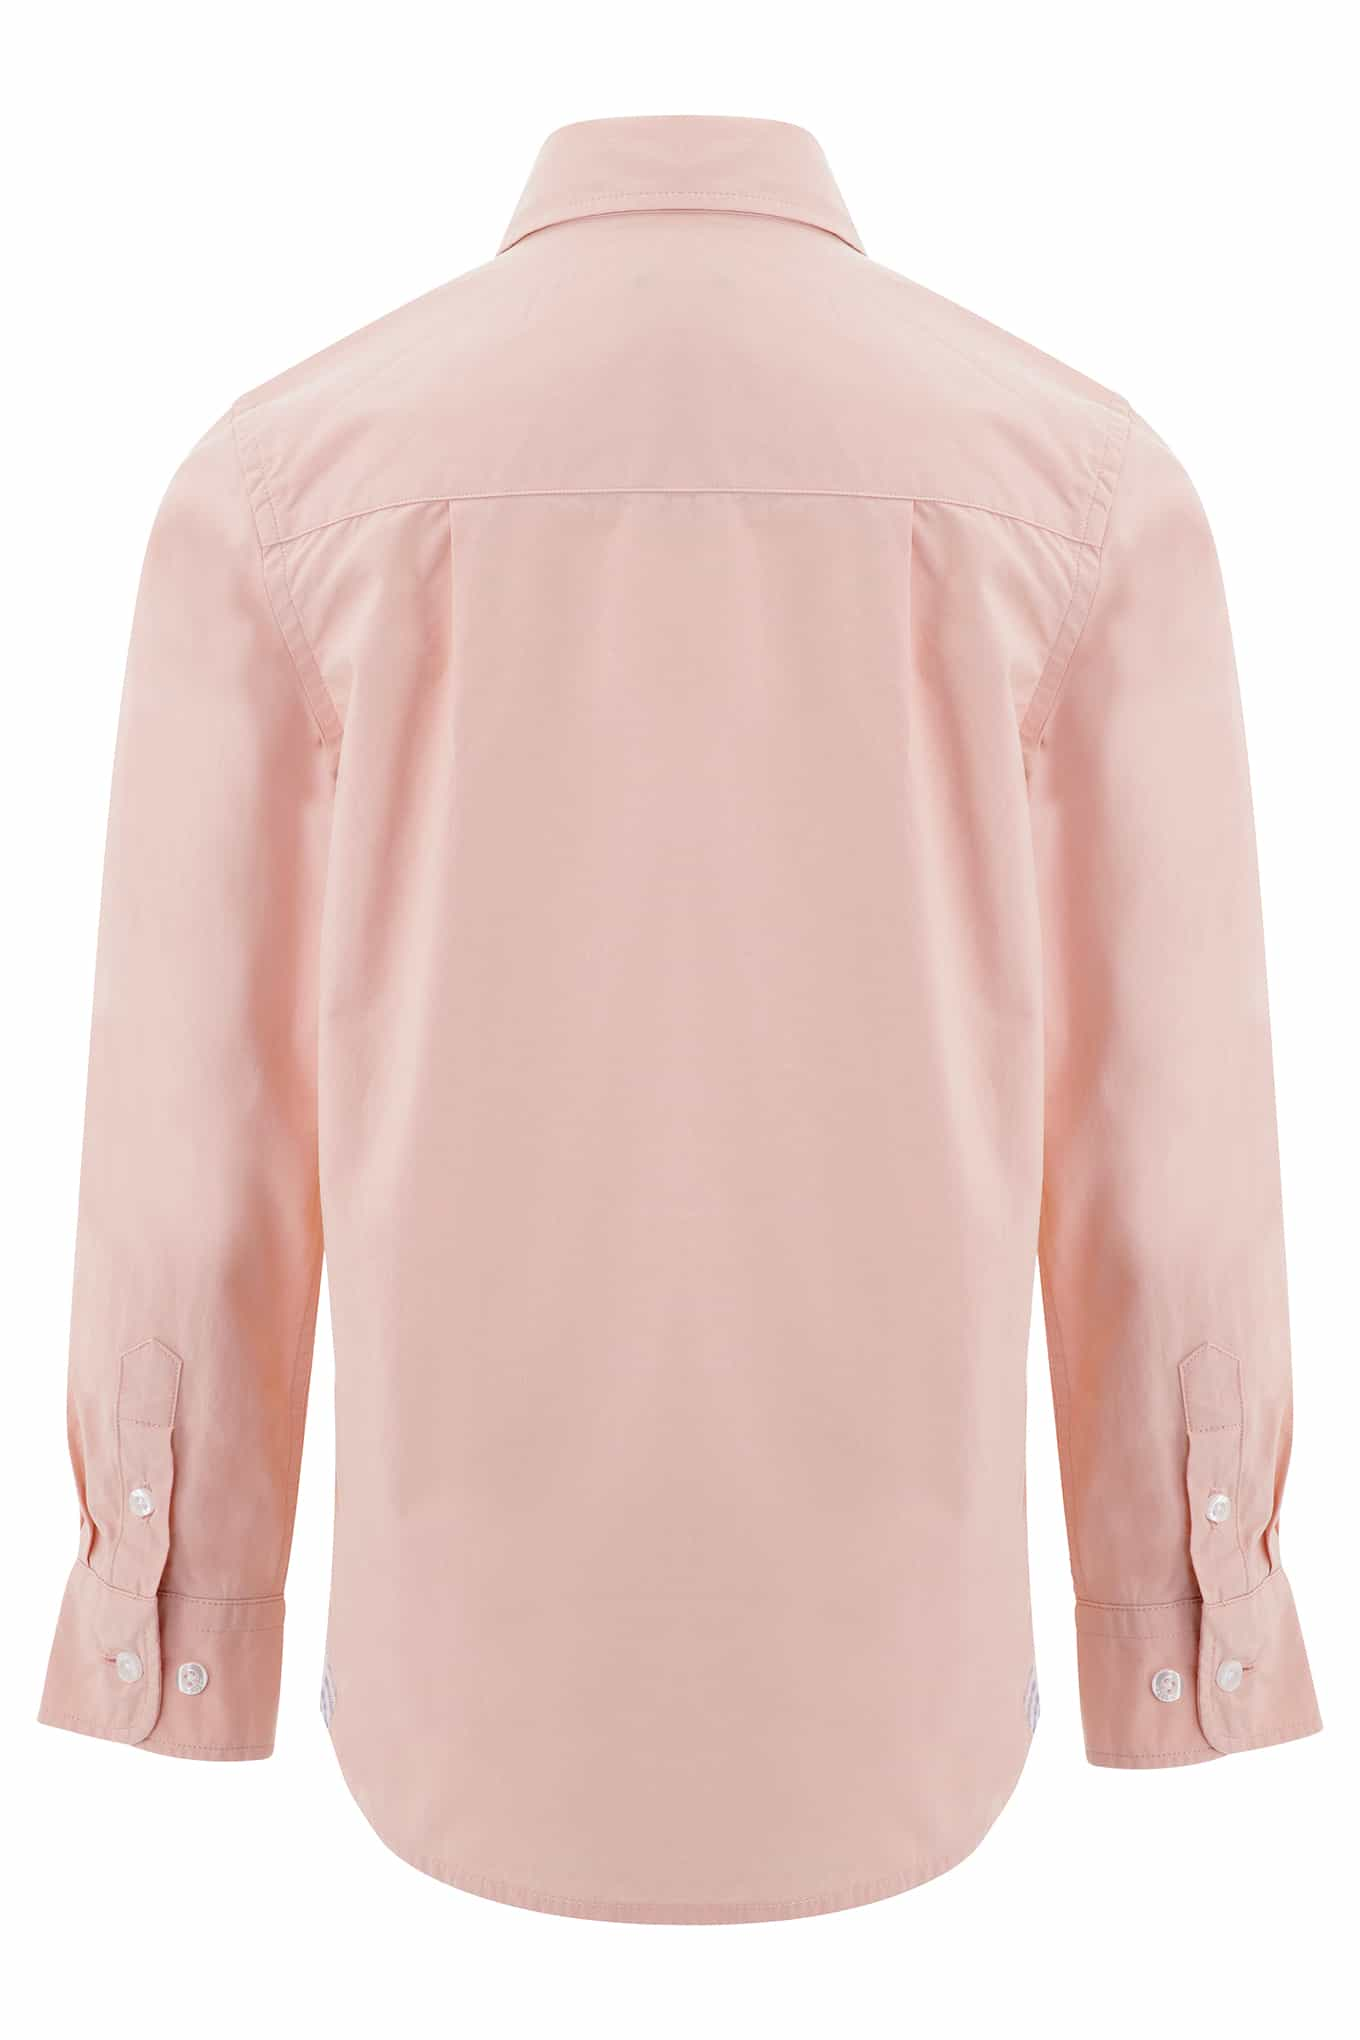 Shirt Light Pink Casual Boy